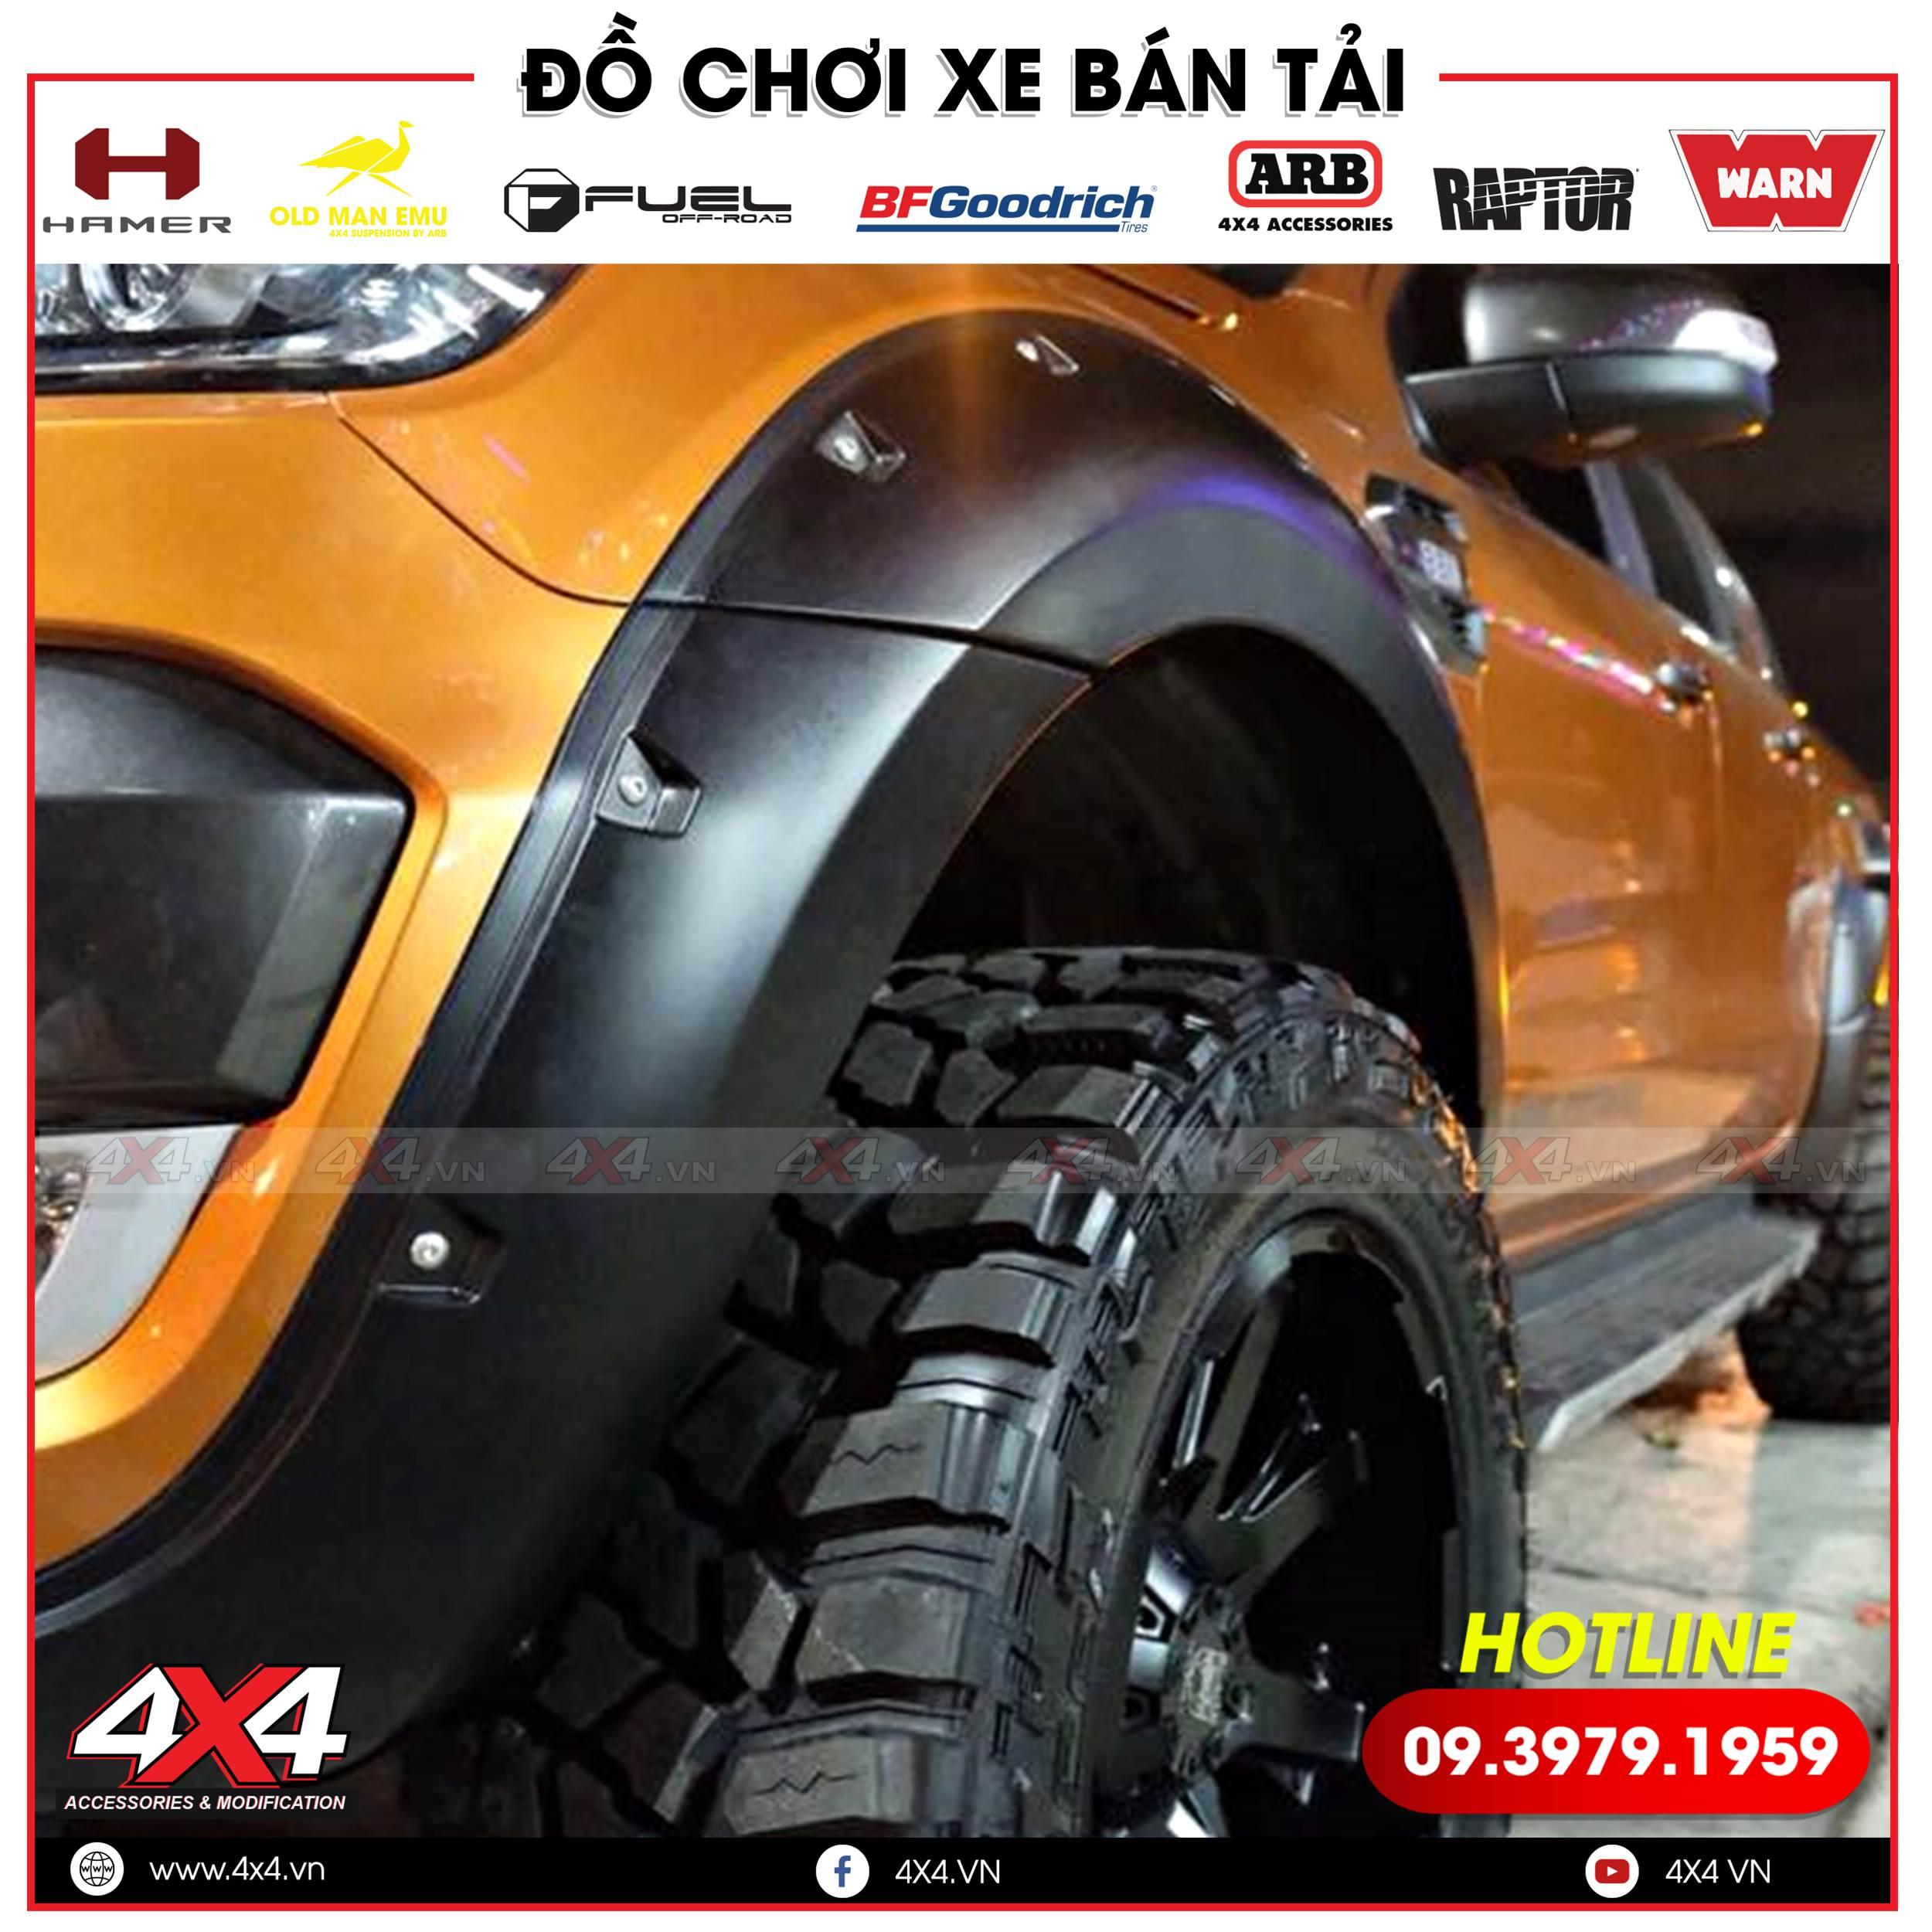 Xe bán tải Ford Ranger độ ốp cua lốp lõm cứng cáp và cực ngầu